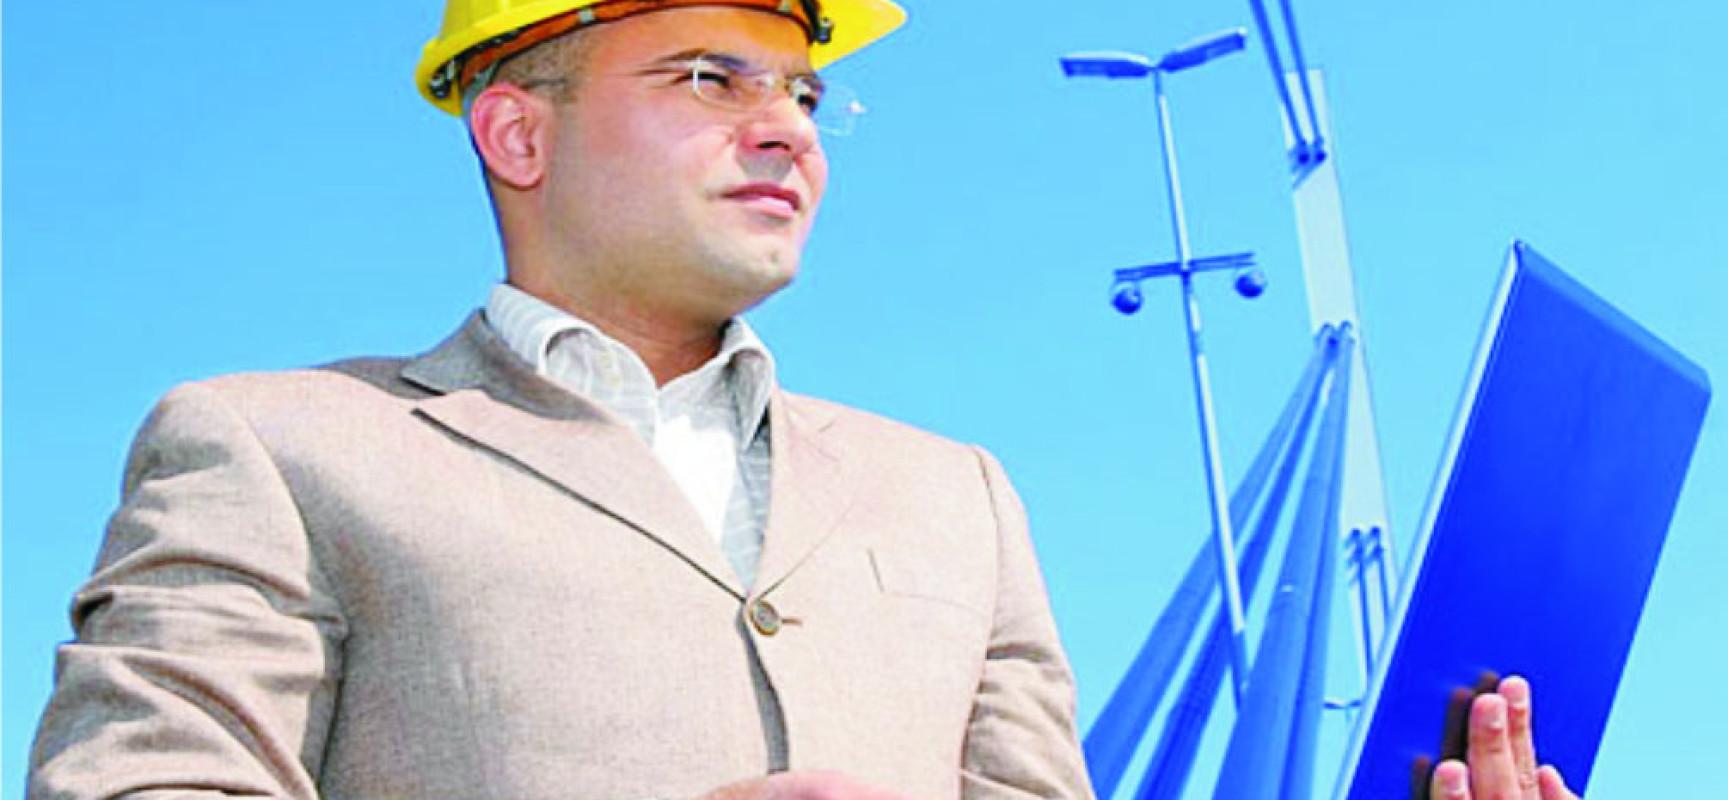 Специальная оценка условий труда: последние изменения